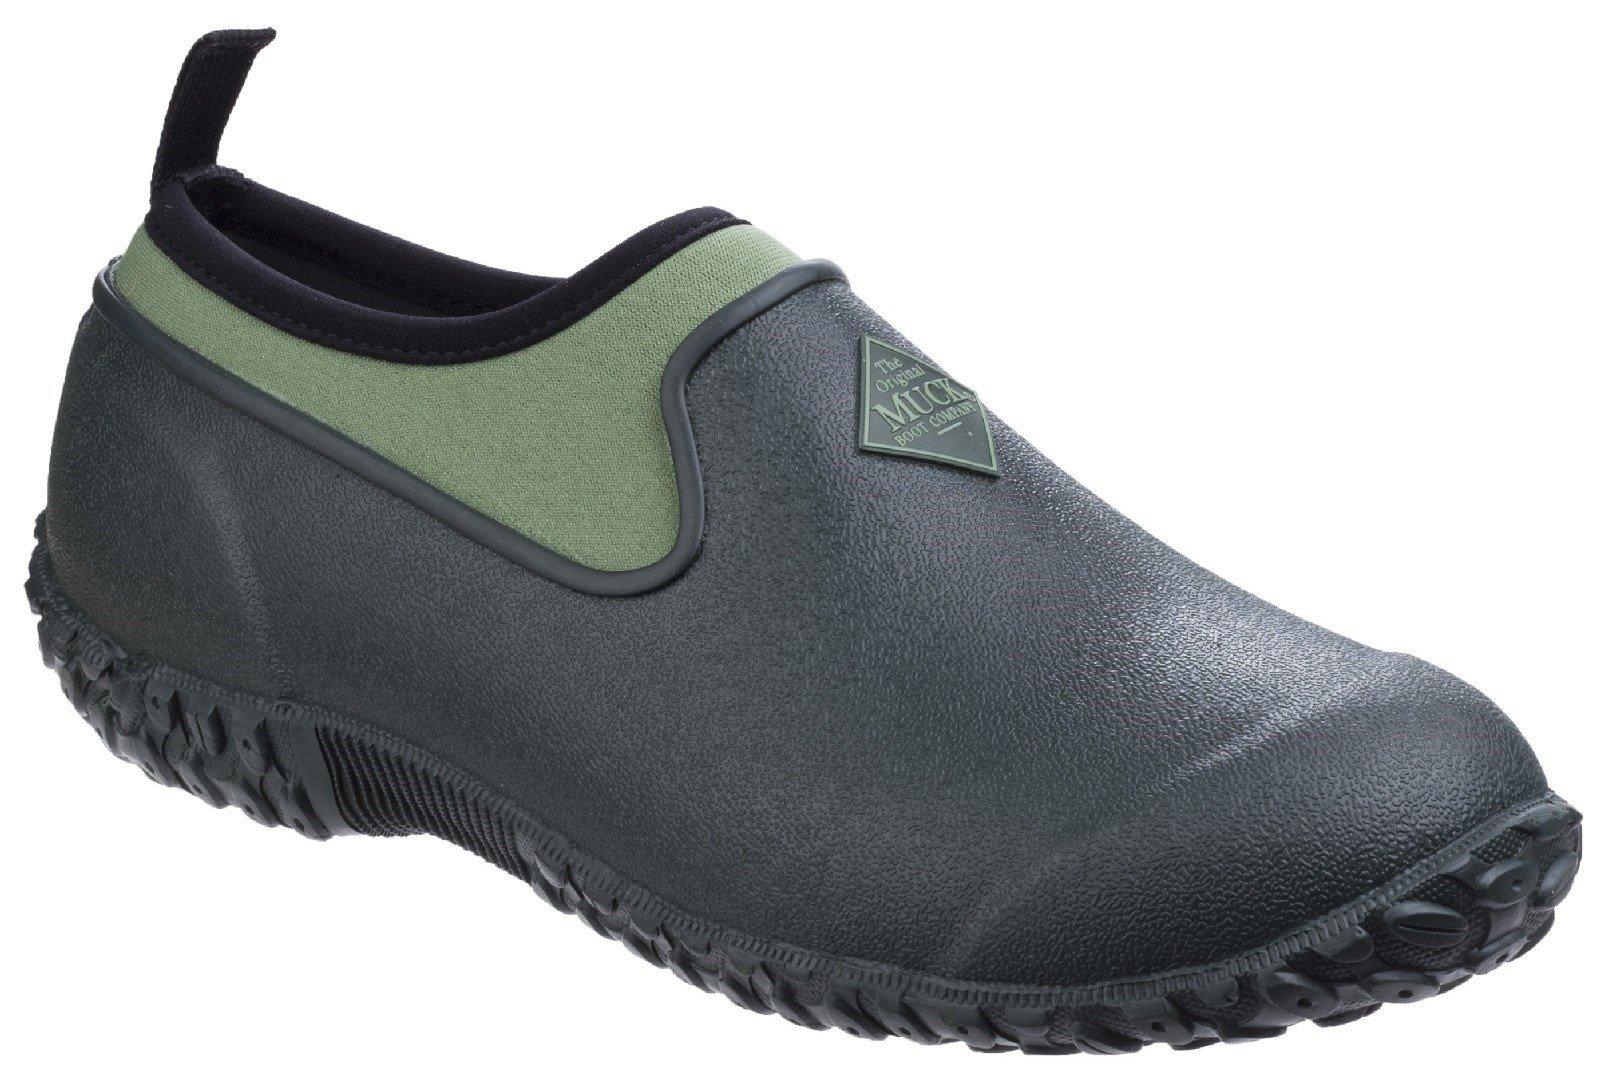 Muck Boots Women's Muckster II Low All Purpose Lightweight Shoe Various Colours 25900 - Green 3